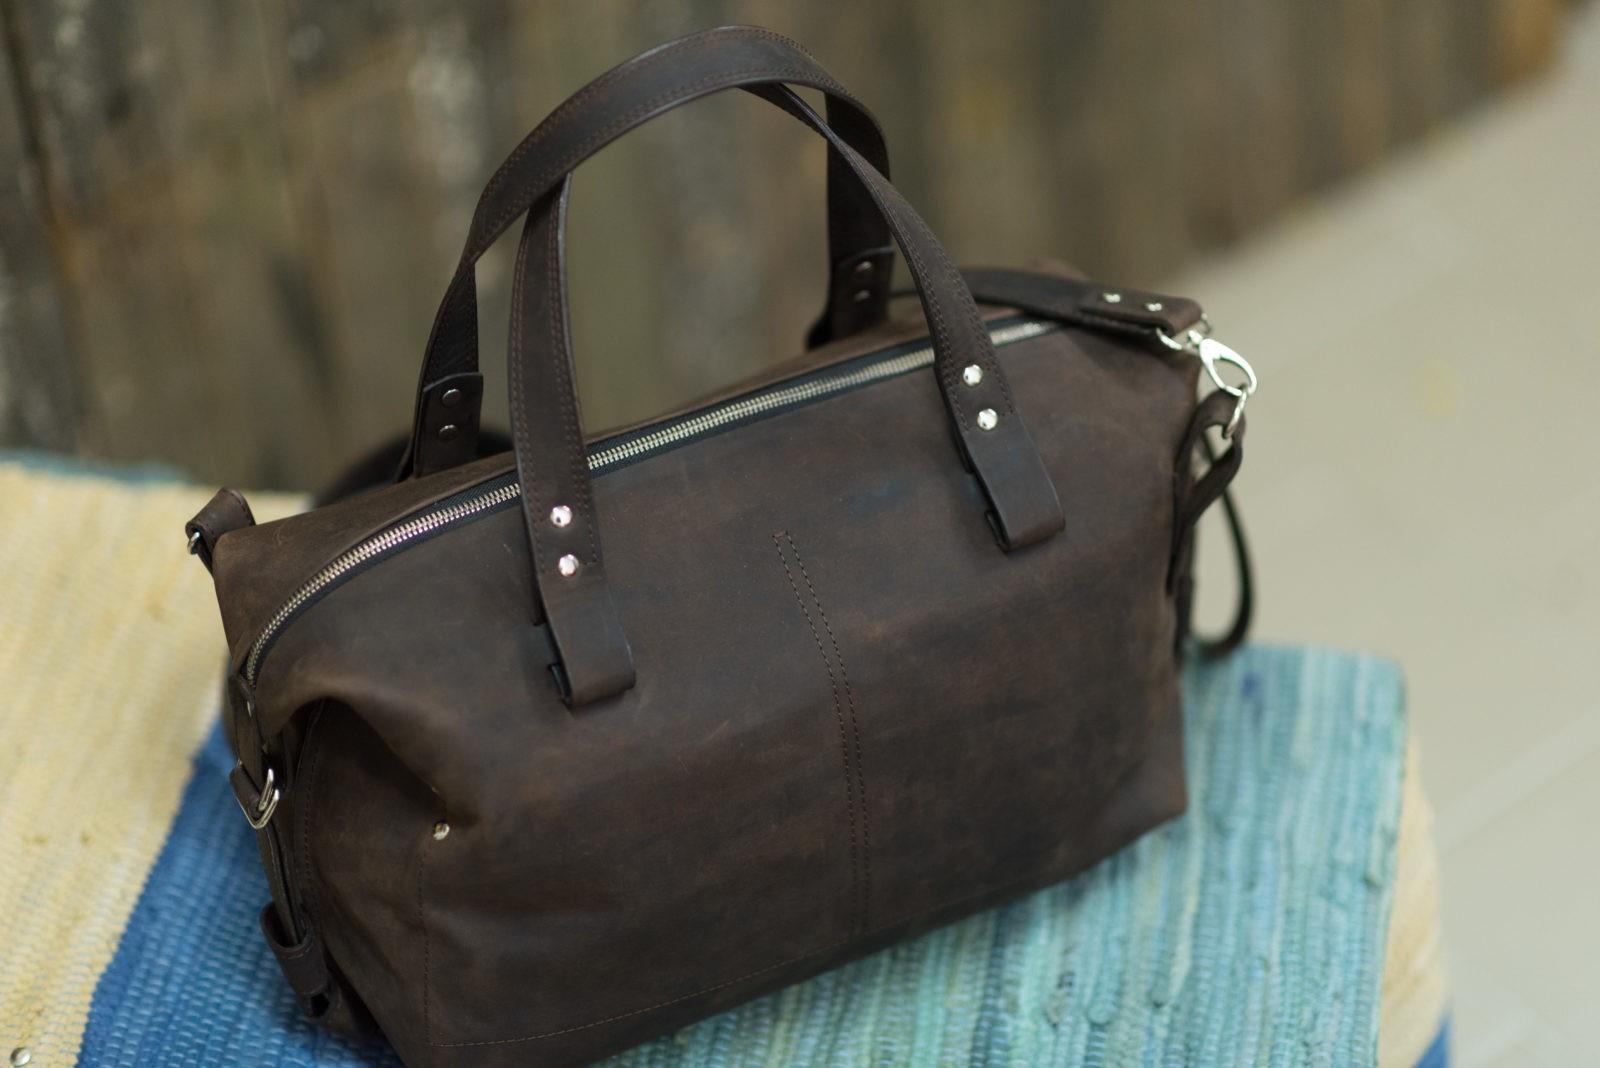 8d3168212b7d 20.45 с карманами. BYN 420. Вместительная повседневная кожаная сумка из  коричневой ...